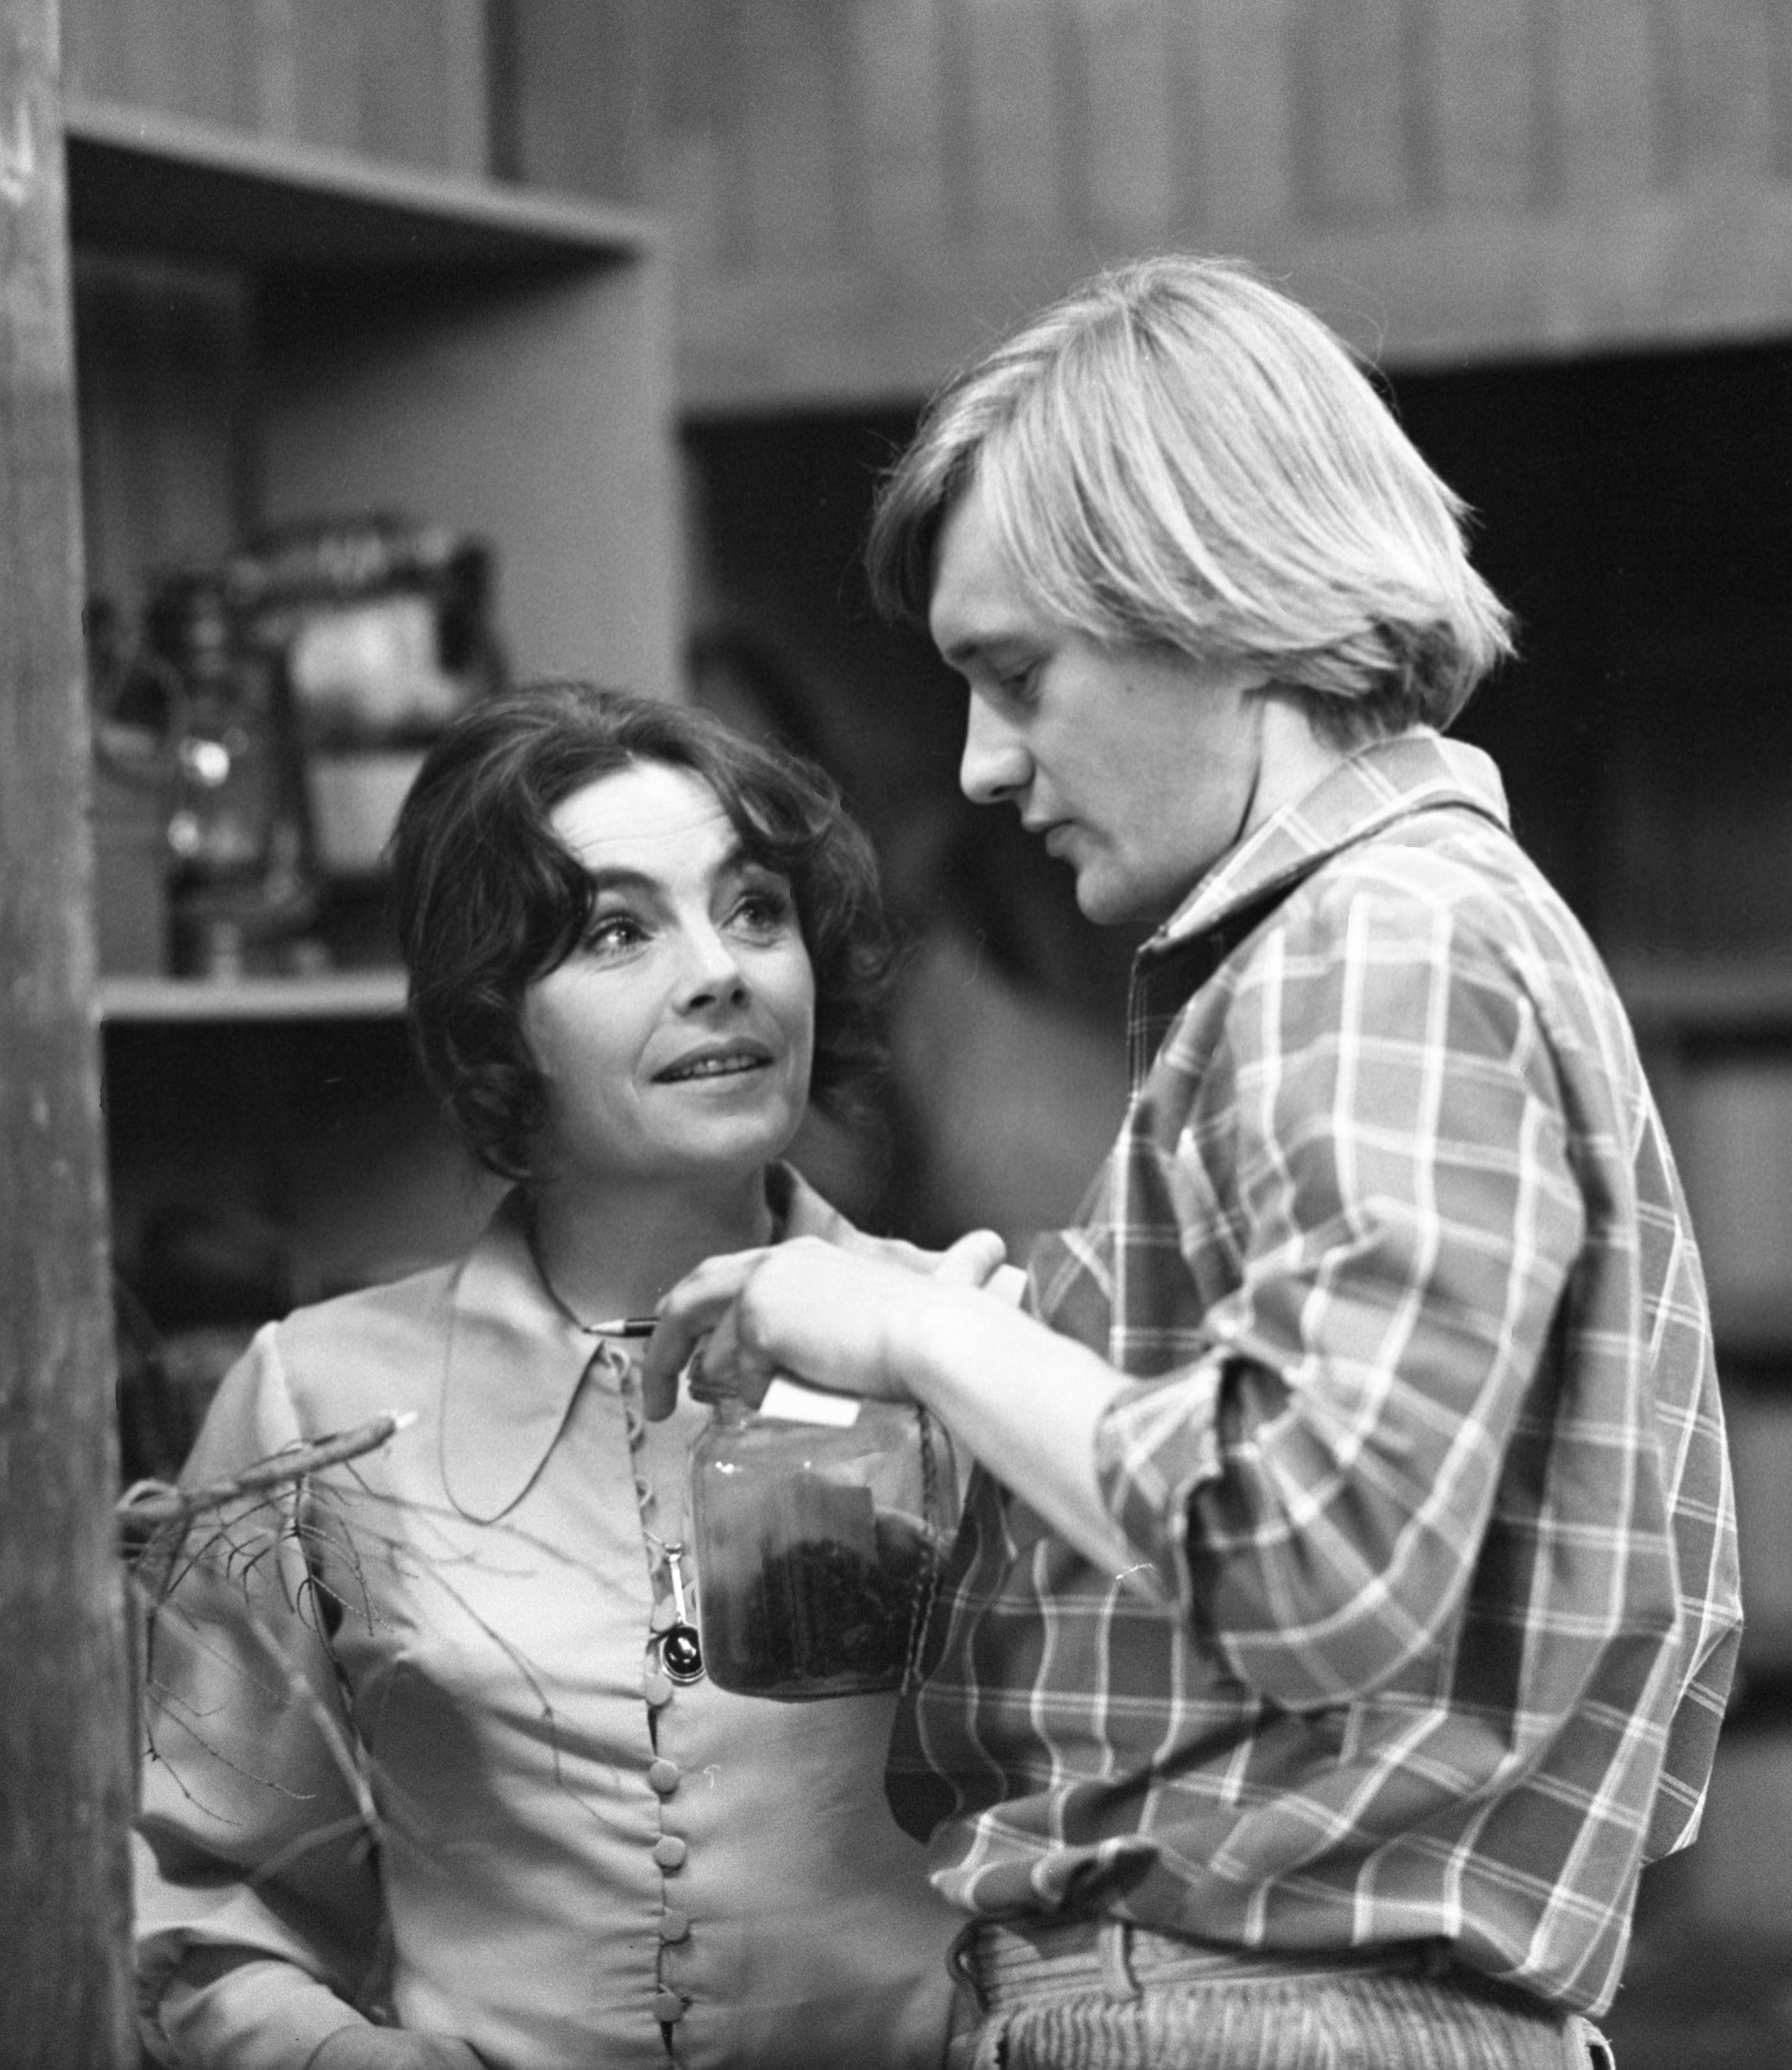 PHOTO: TVP/EAST NEWS Teatr Telewizji 1972 - Zezwolenie na odstrzal - wnyki, rez. ?  N/Z: Andrzej Seweryn    J-6986-5